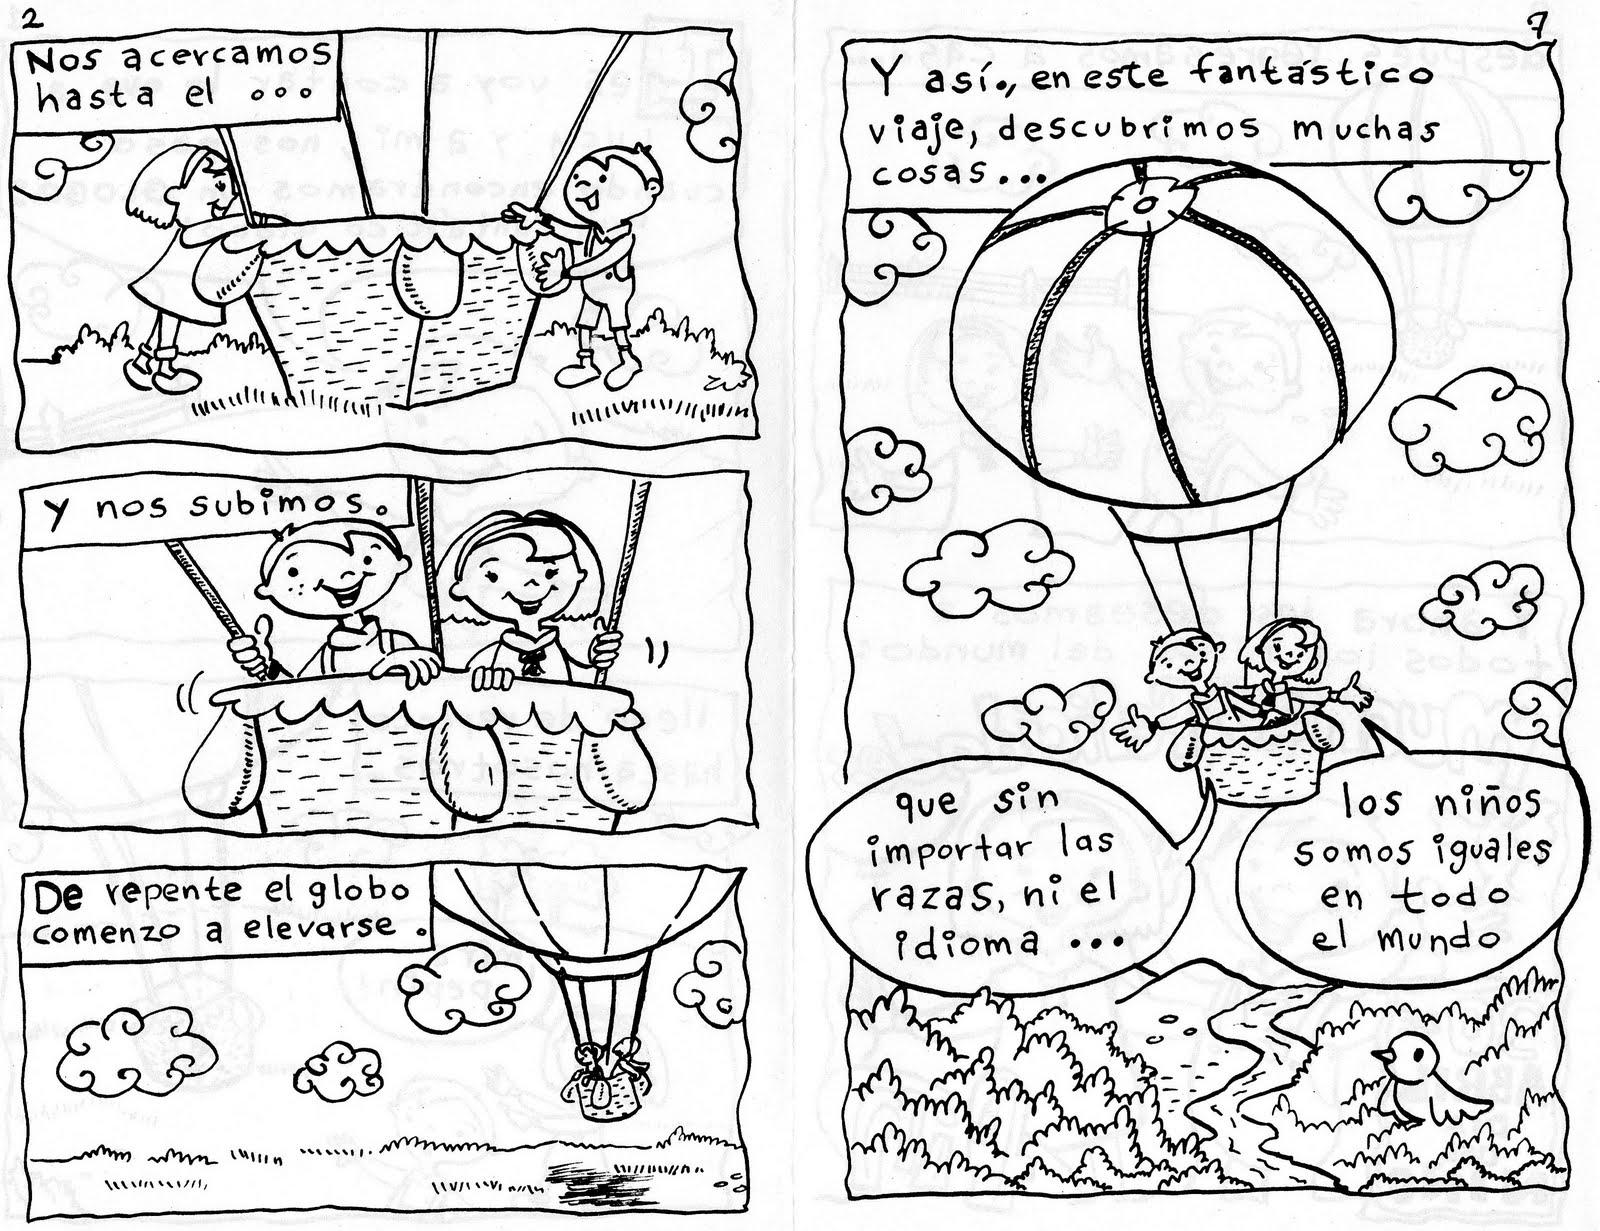 tony garabato caricaturista: algunas ilustraciones de un cuento ...